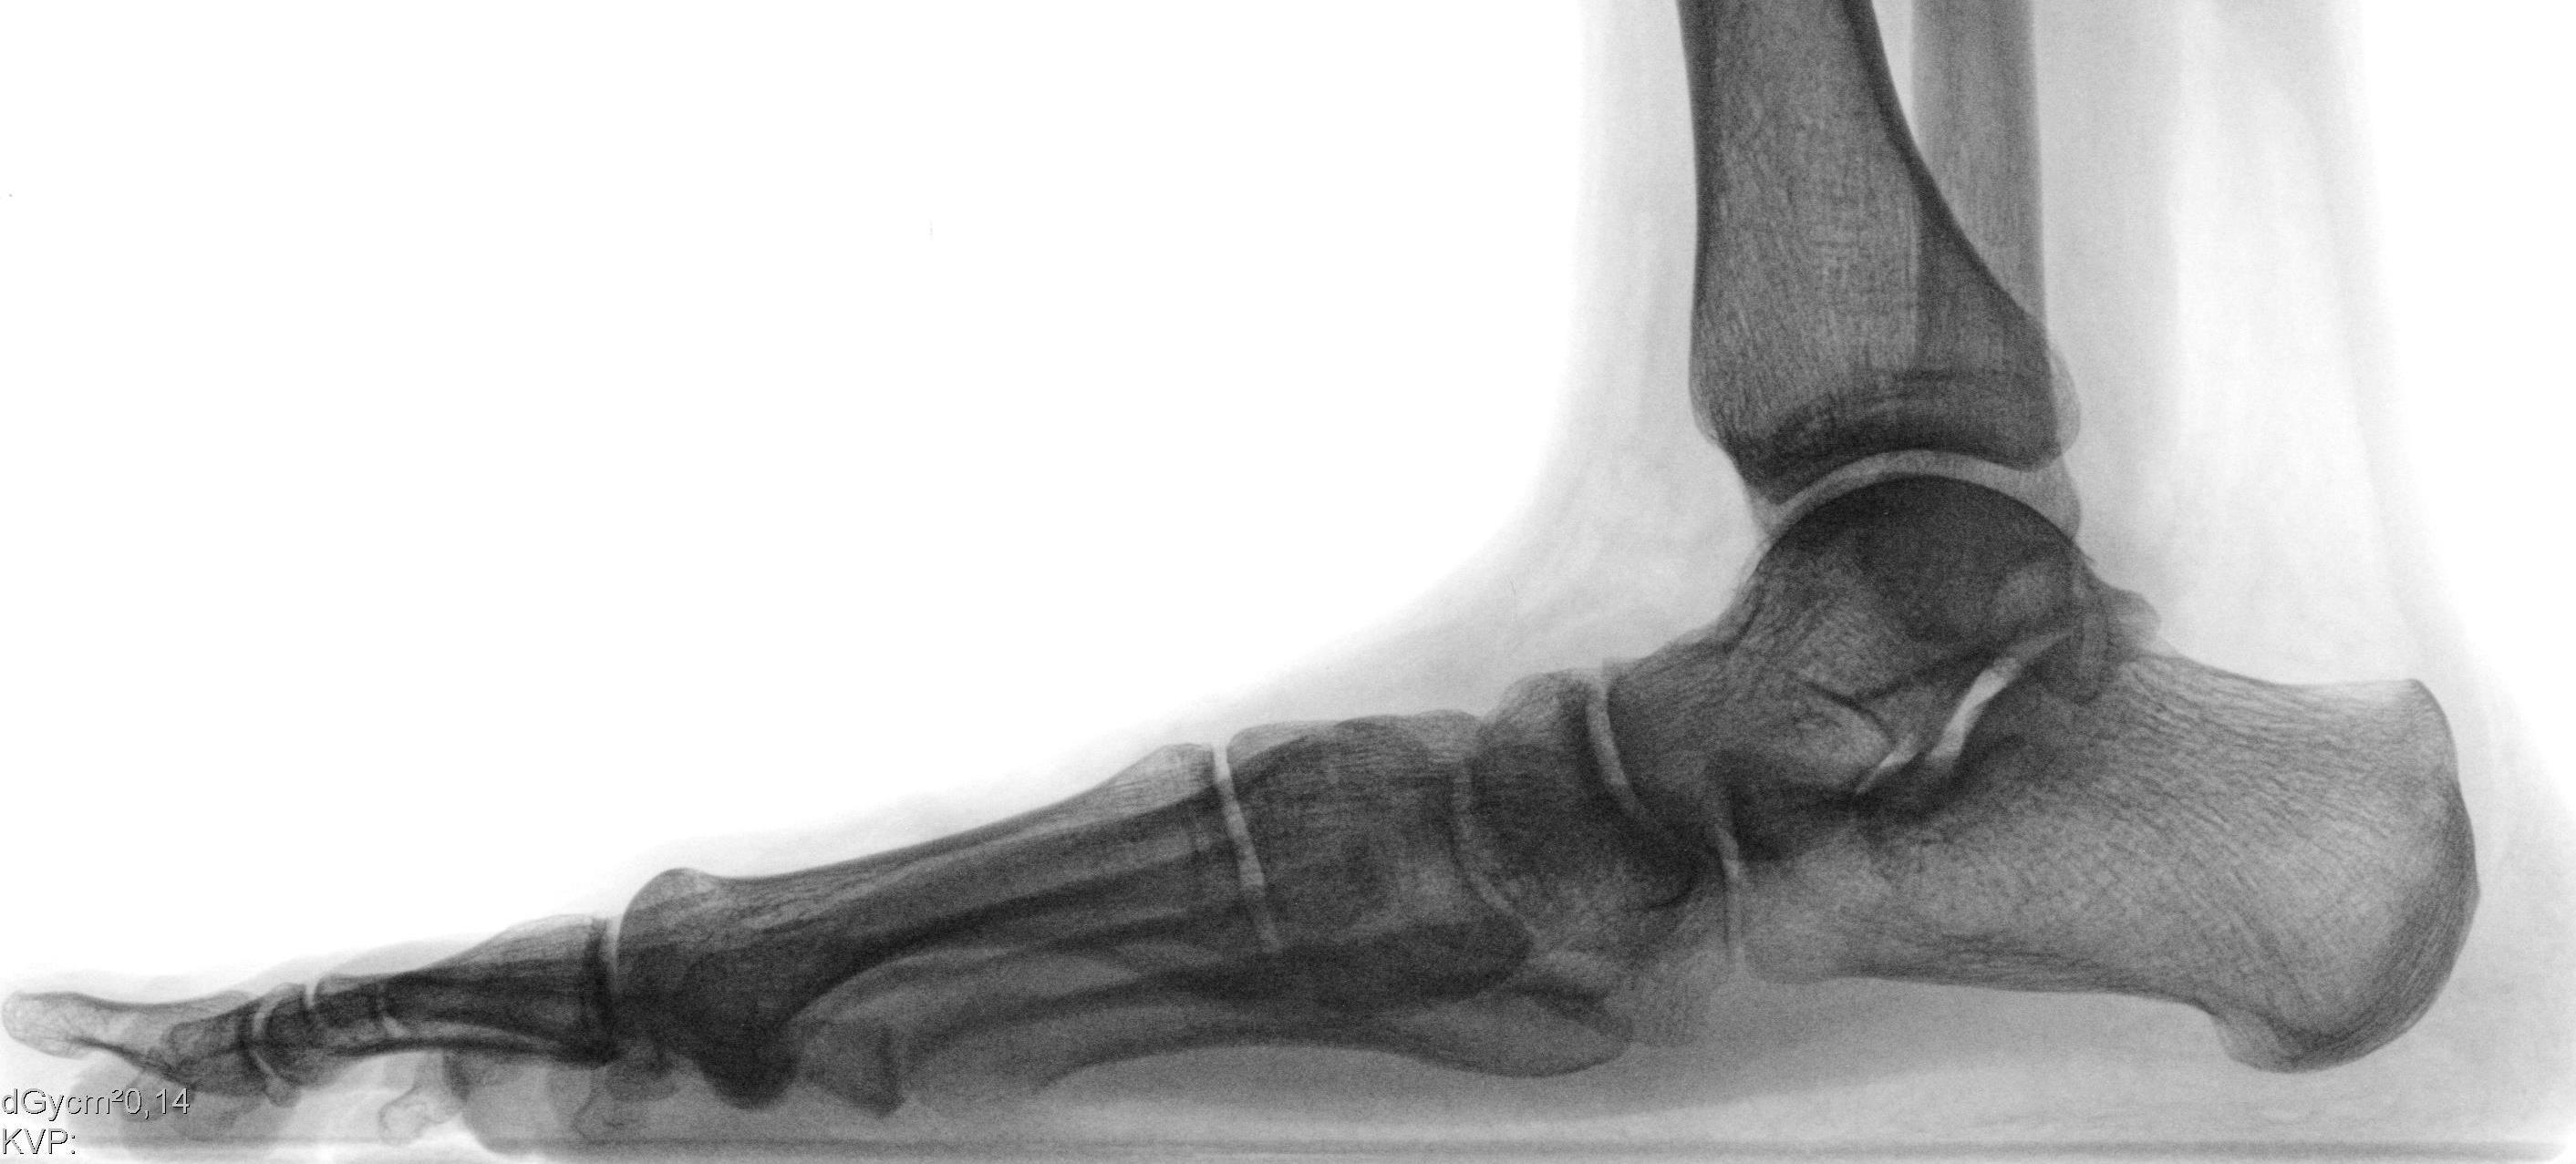 Abb. 6: Röntgen von der Seite : das Fersenbein steht fast horizontal, das Längsgewölbe ist abgeflacht, das Sprungbein ist im Verhältnis zum Fersenbein nach unten verschoben, es findet sich ein Knick zwischen Kahnbein und Keilbein